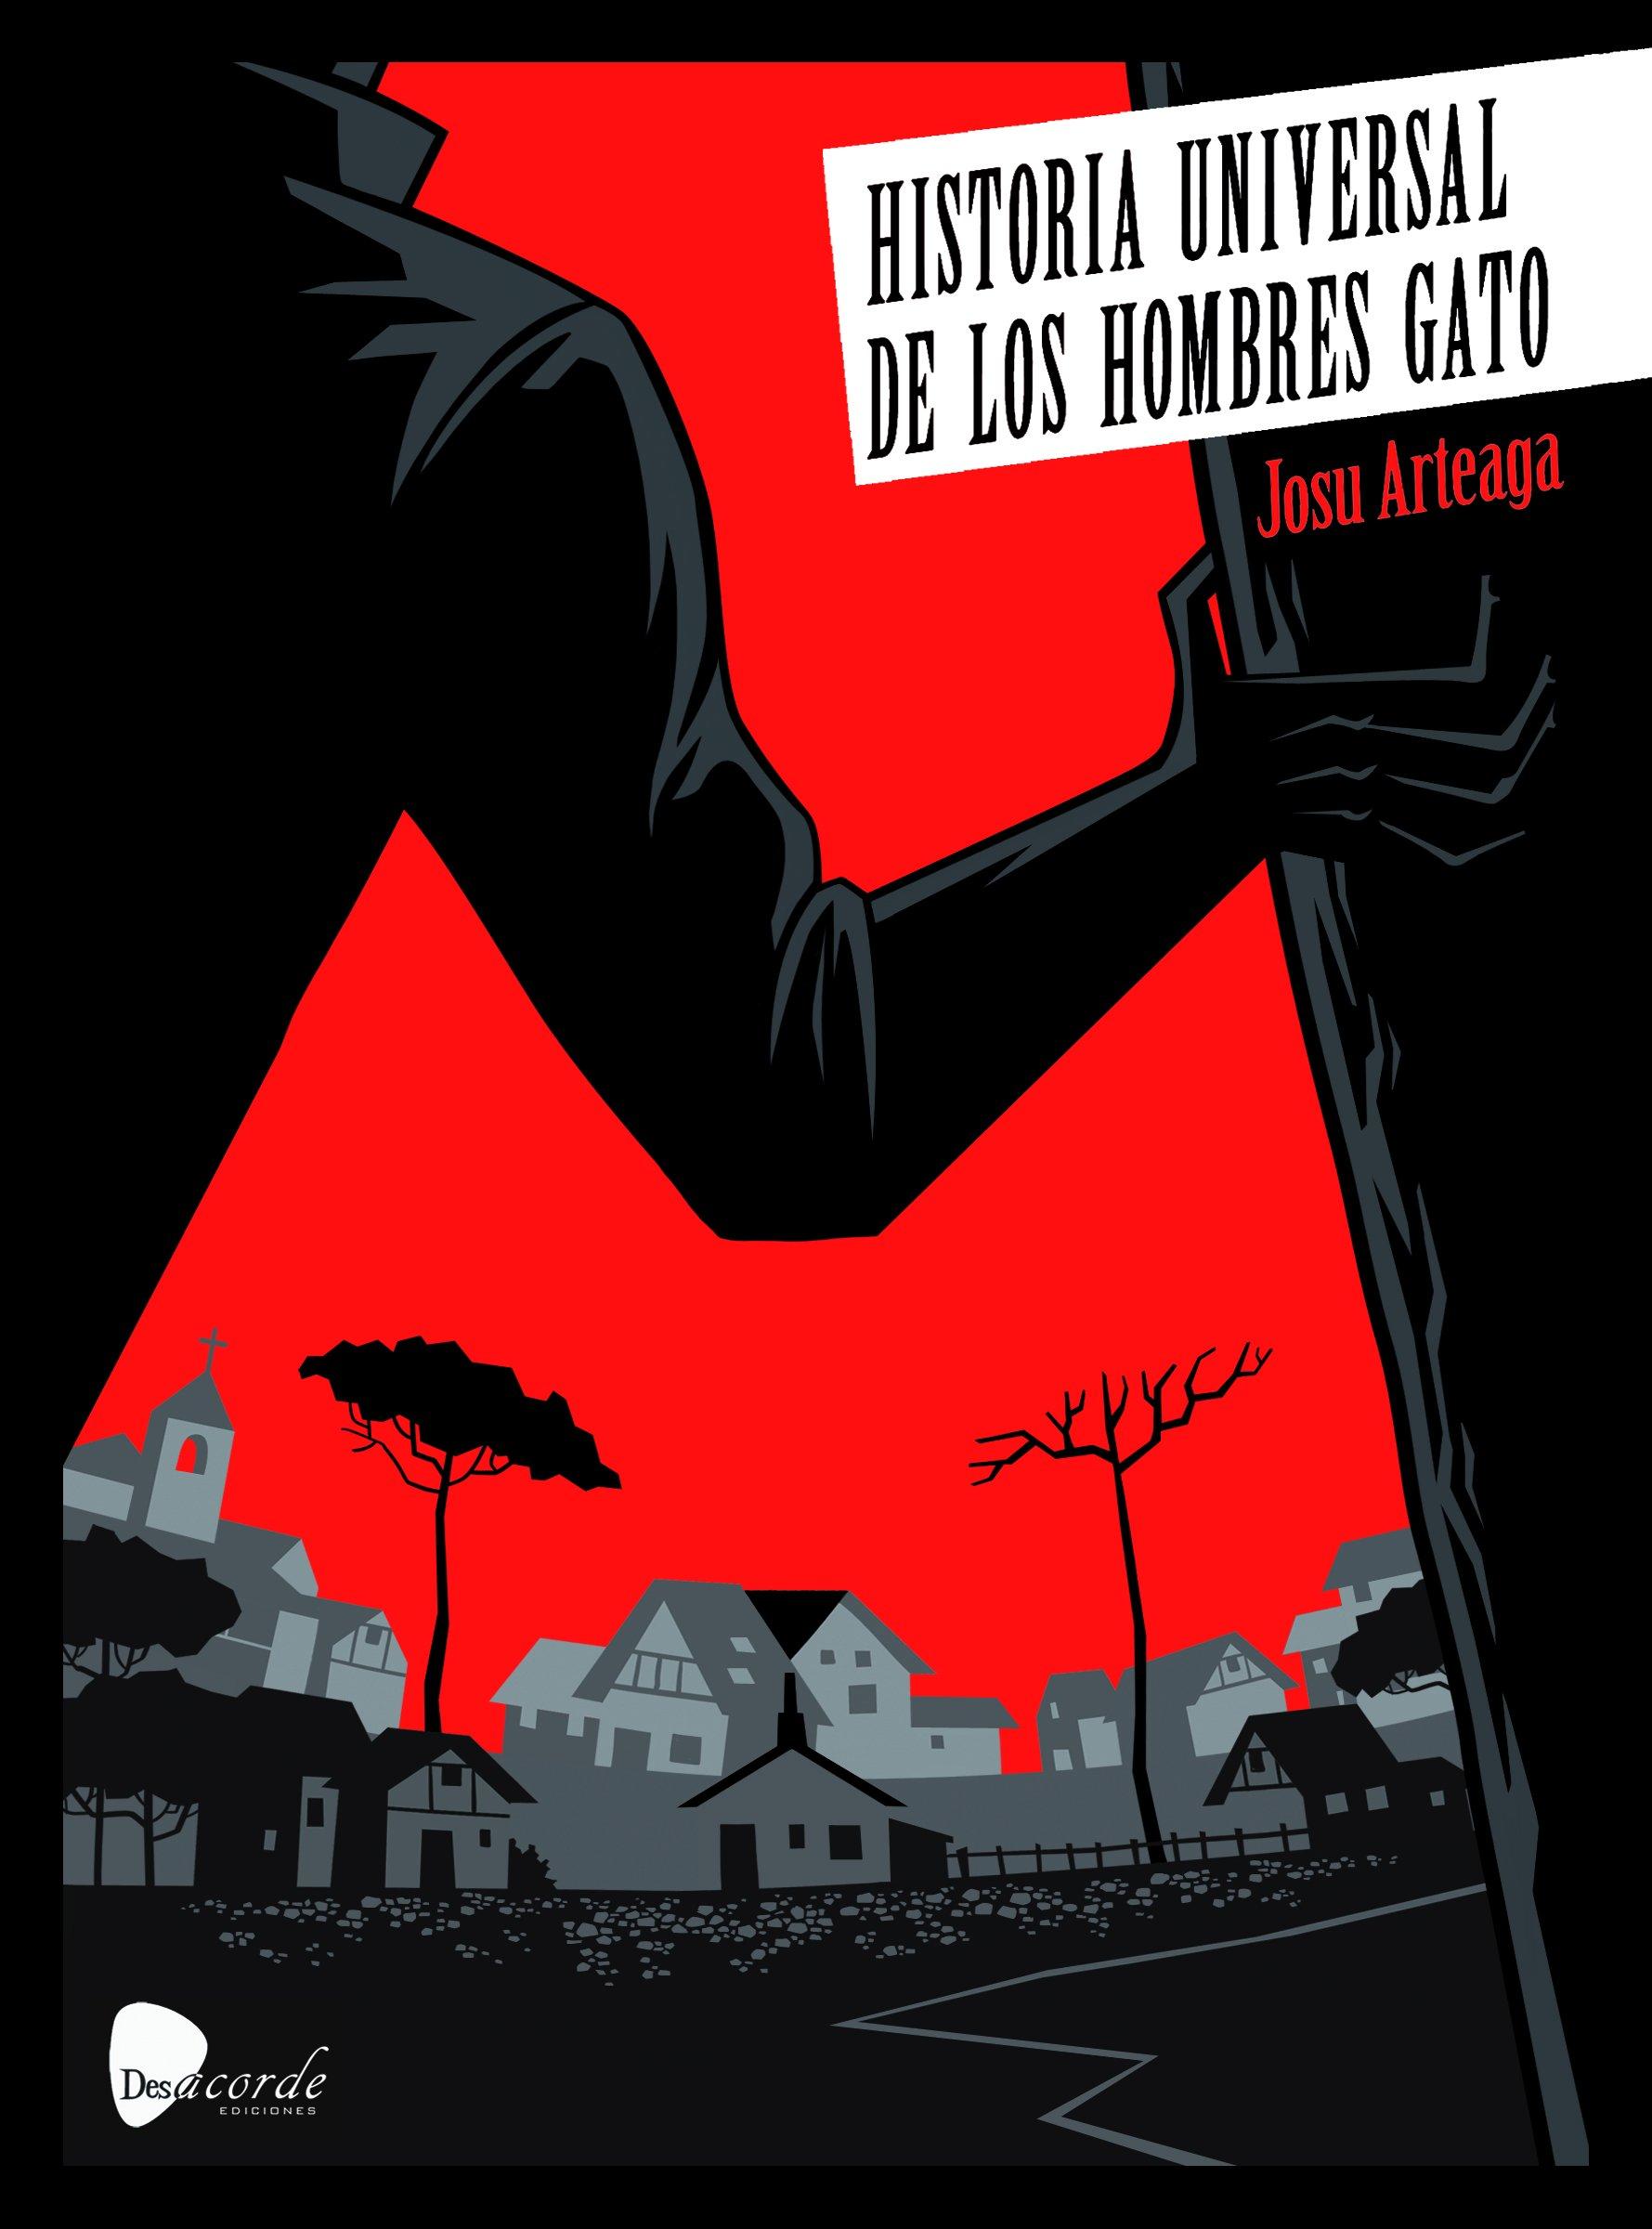 HISTORIA UNIVERSAL DE LOS HOMBRES GATO: Amazon.es: ARTEAGA, JOSU ...